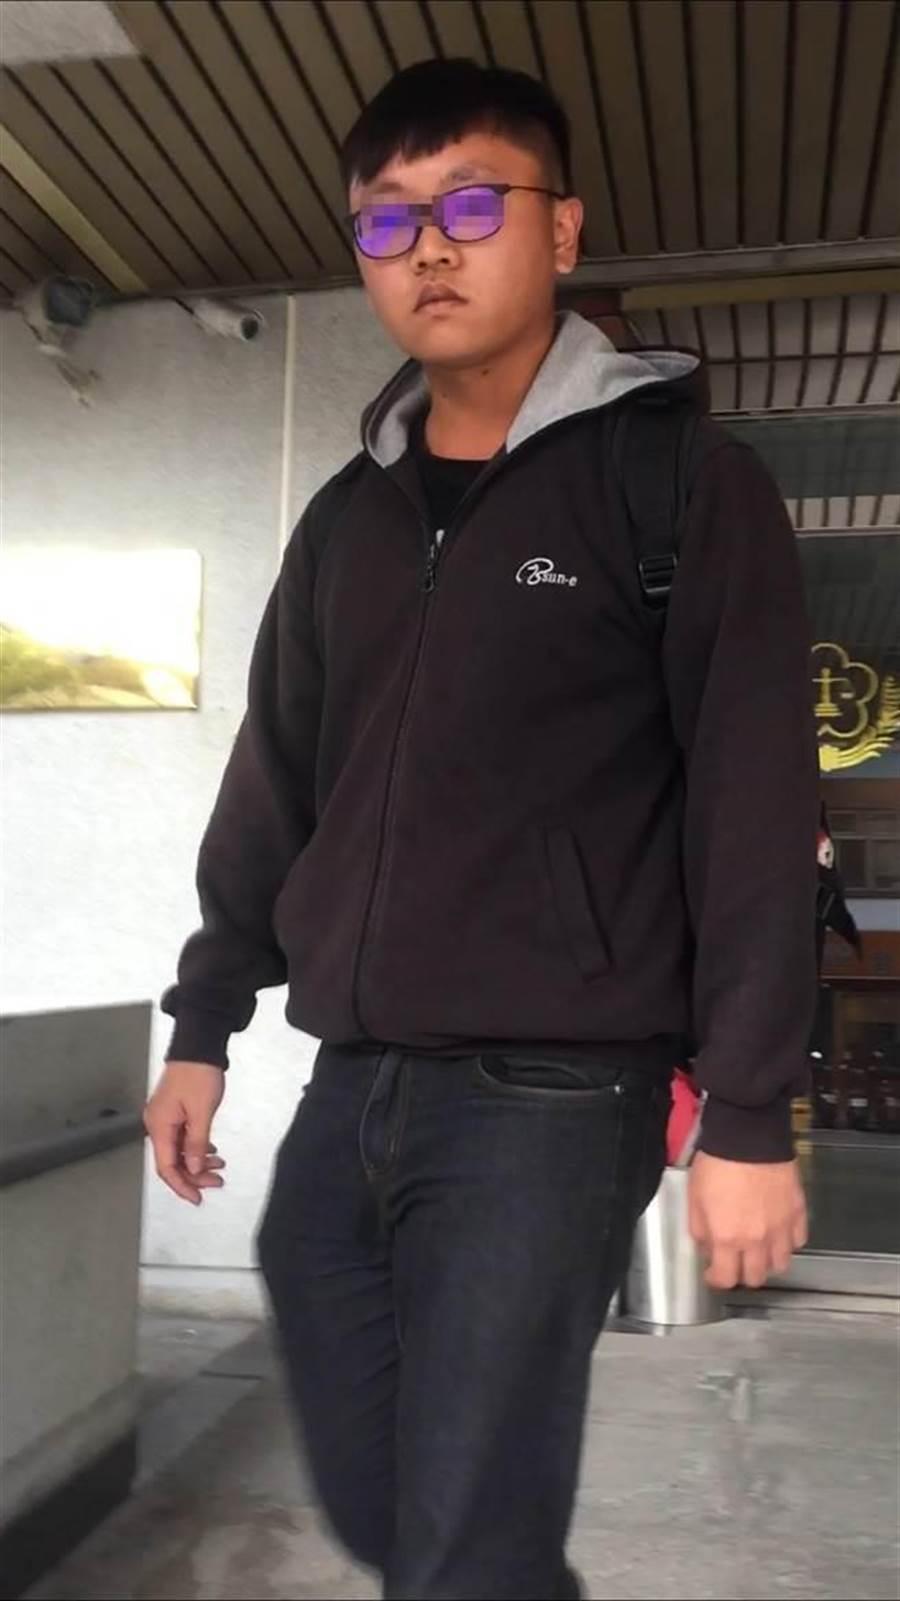 前空軍邵姓一兵在台北轉運站內偷拍女子如廁遭法院判處拘役50日。(報系資料照)